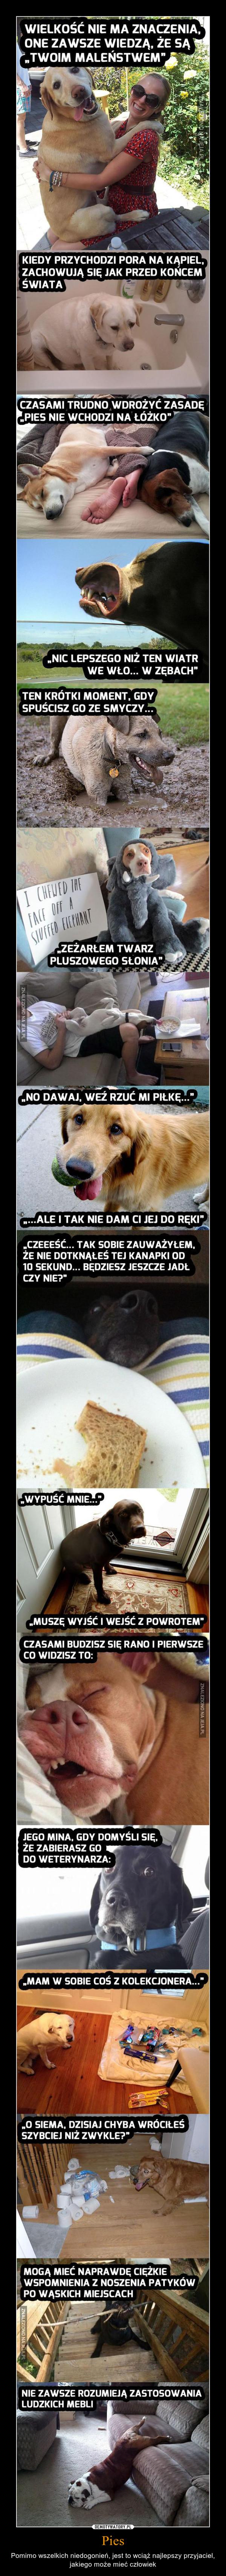 Pies – Pomimo wszelkich niedogonień, jest to wciąż najlepszy przyjaciel, jakiego może mieć człowiek